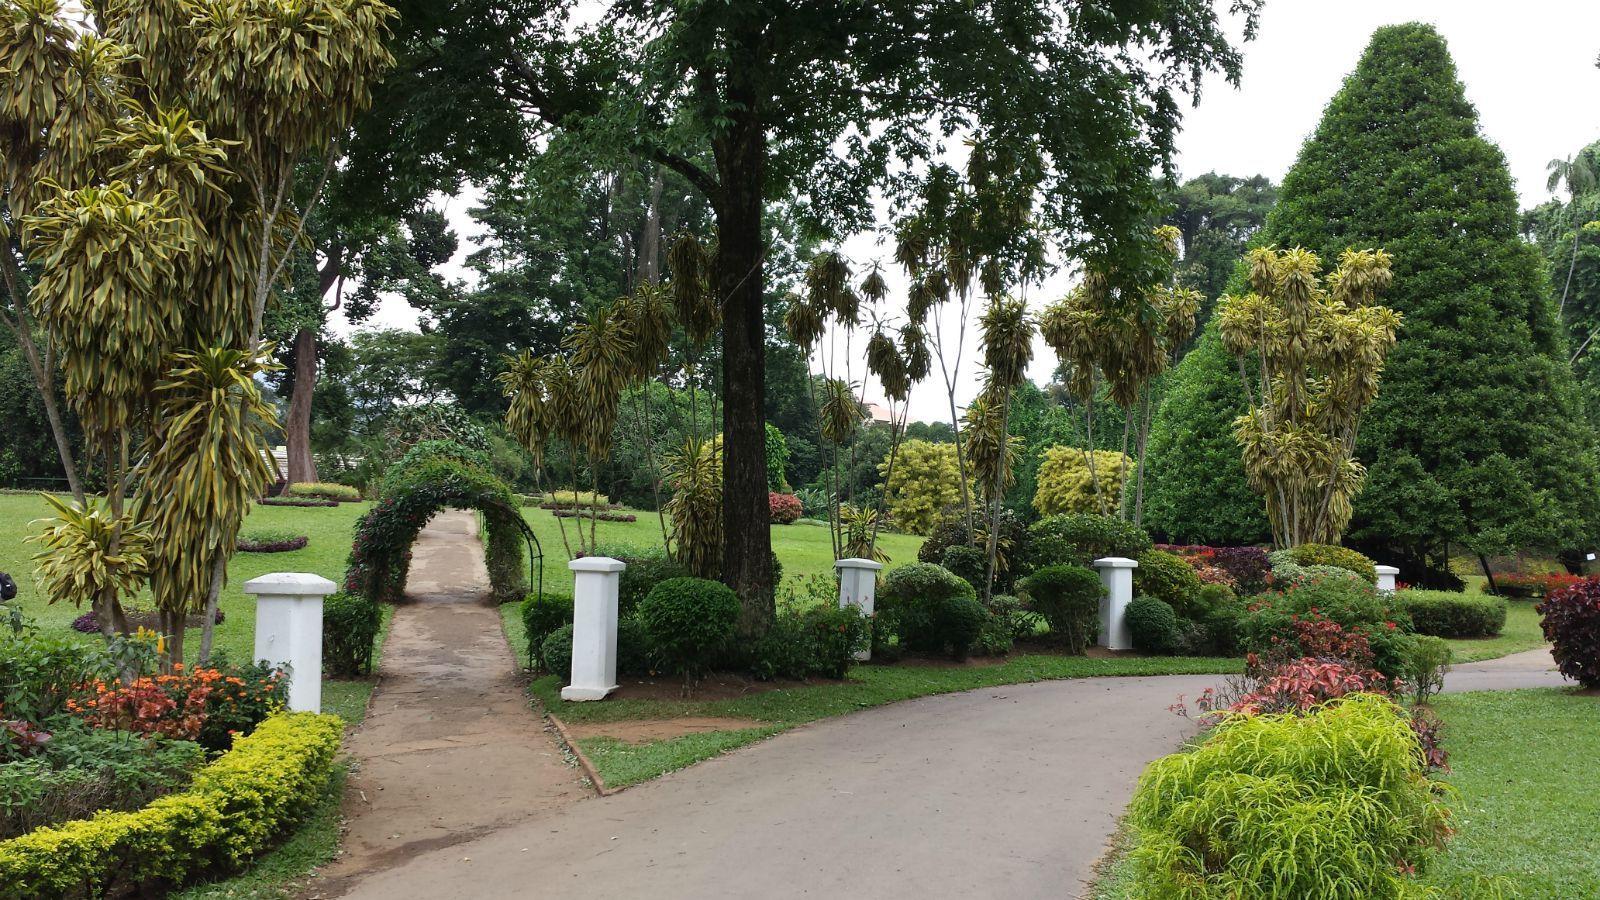 著名景点有康提湖,佩拉尼亚皇家植物园及佛牙寺 康提 位于康提的佛牙